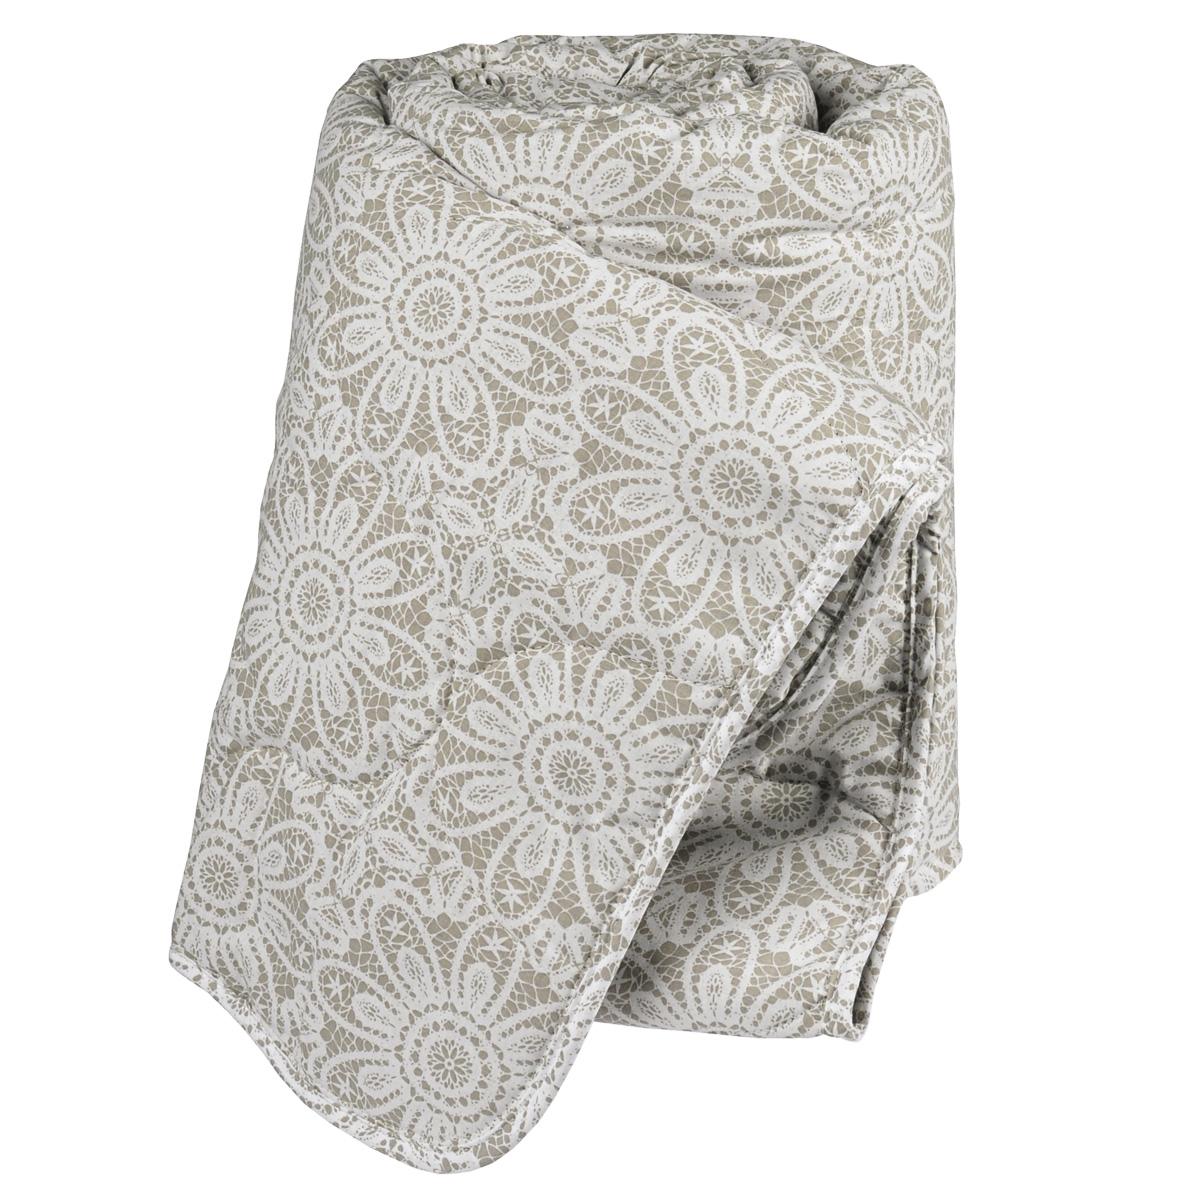 Одеяло Green Line Лен, наполнитель: льняное волокно, 200 см х 220 смCLP446Мягкое и комфортное одеяло Green Line Лен подарит вам незабываемое чувство уюта и умиротворения. Чехол выполнен из чистого хлопка. Одеяло поможет создать максимально удобные и благоприятные условия для сладкого сна.Преимущества льняного наполнителя: - имеет эффект активного дыхания, - природный антисептик, - холодит в жару и согревает в холод. Лен полезен для здоровья, обладает положительной энергетикой.Не стирать, не гладить. Материал верха: 100% хлопок. Наполнитель: 90% льняное волокно, 10% полиэстер.Масса наполнителя: 300 г/м2.